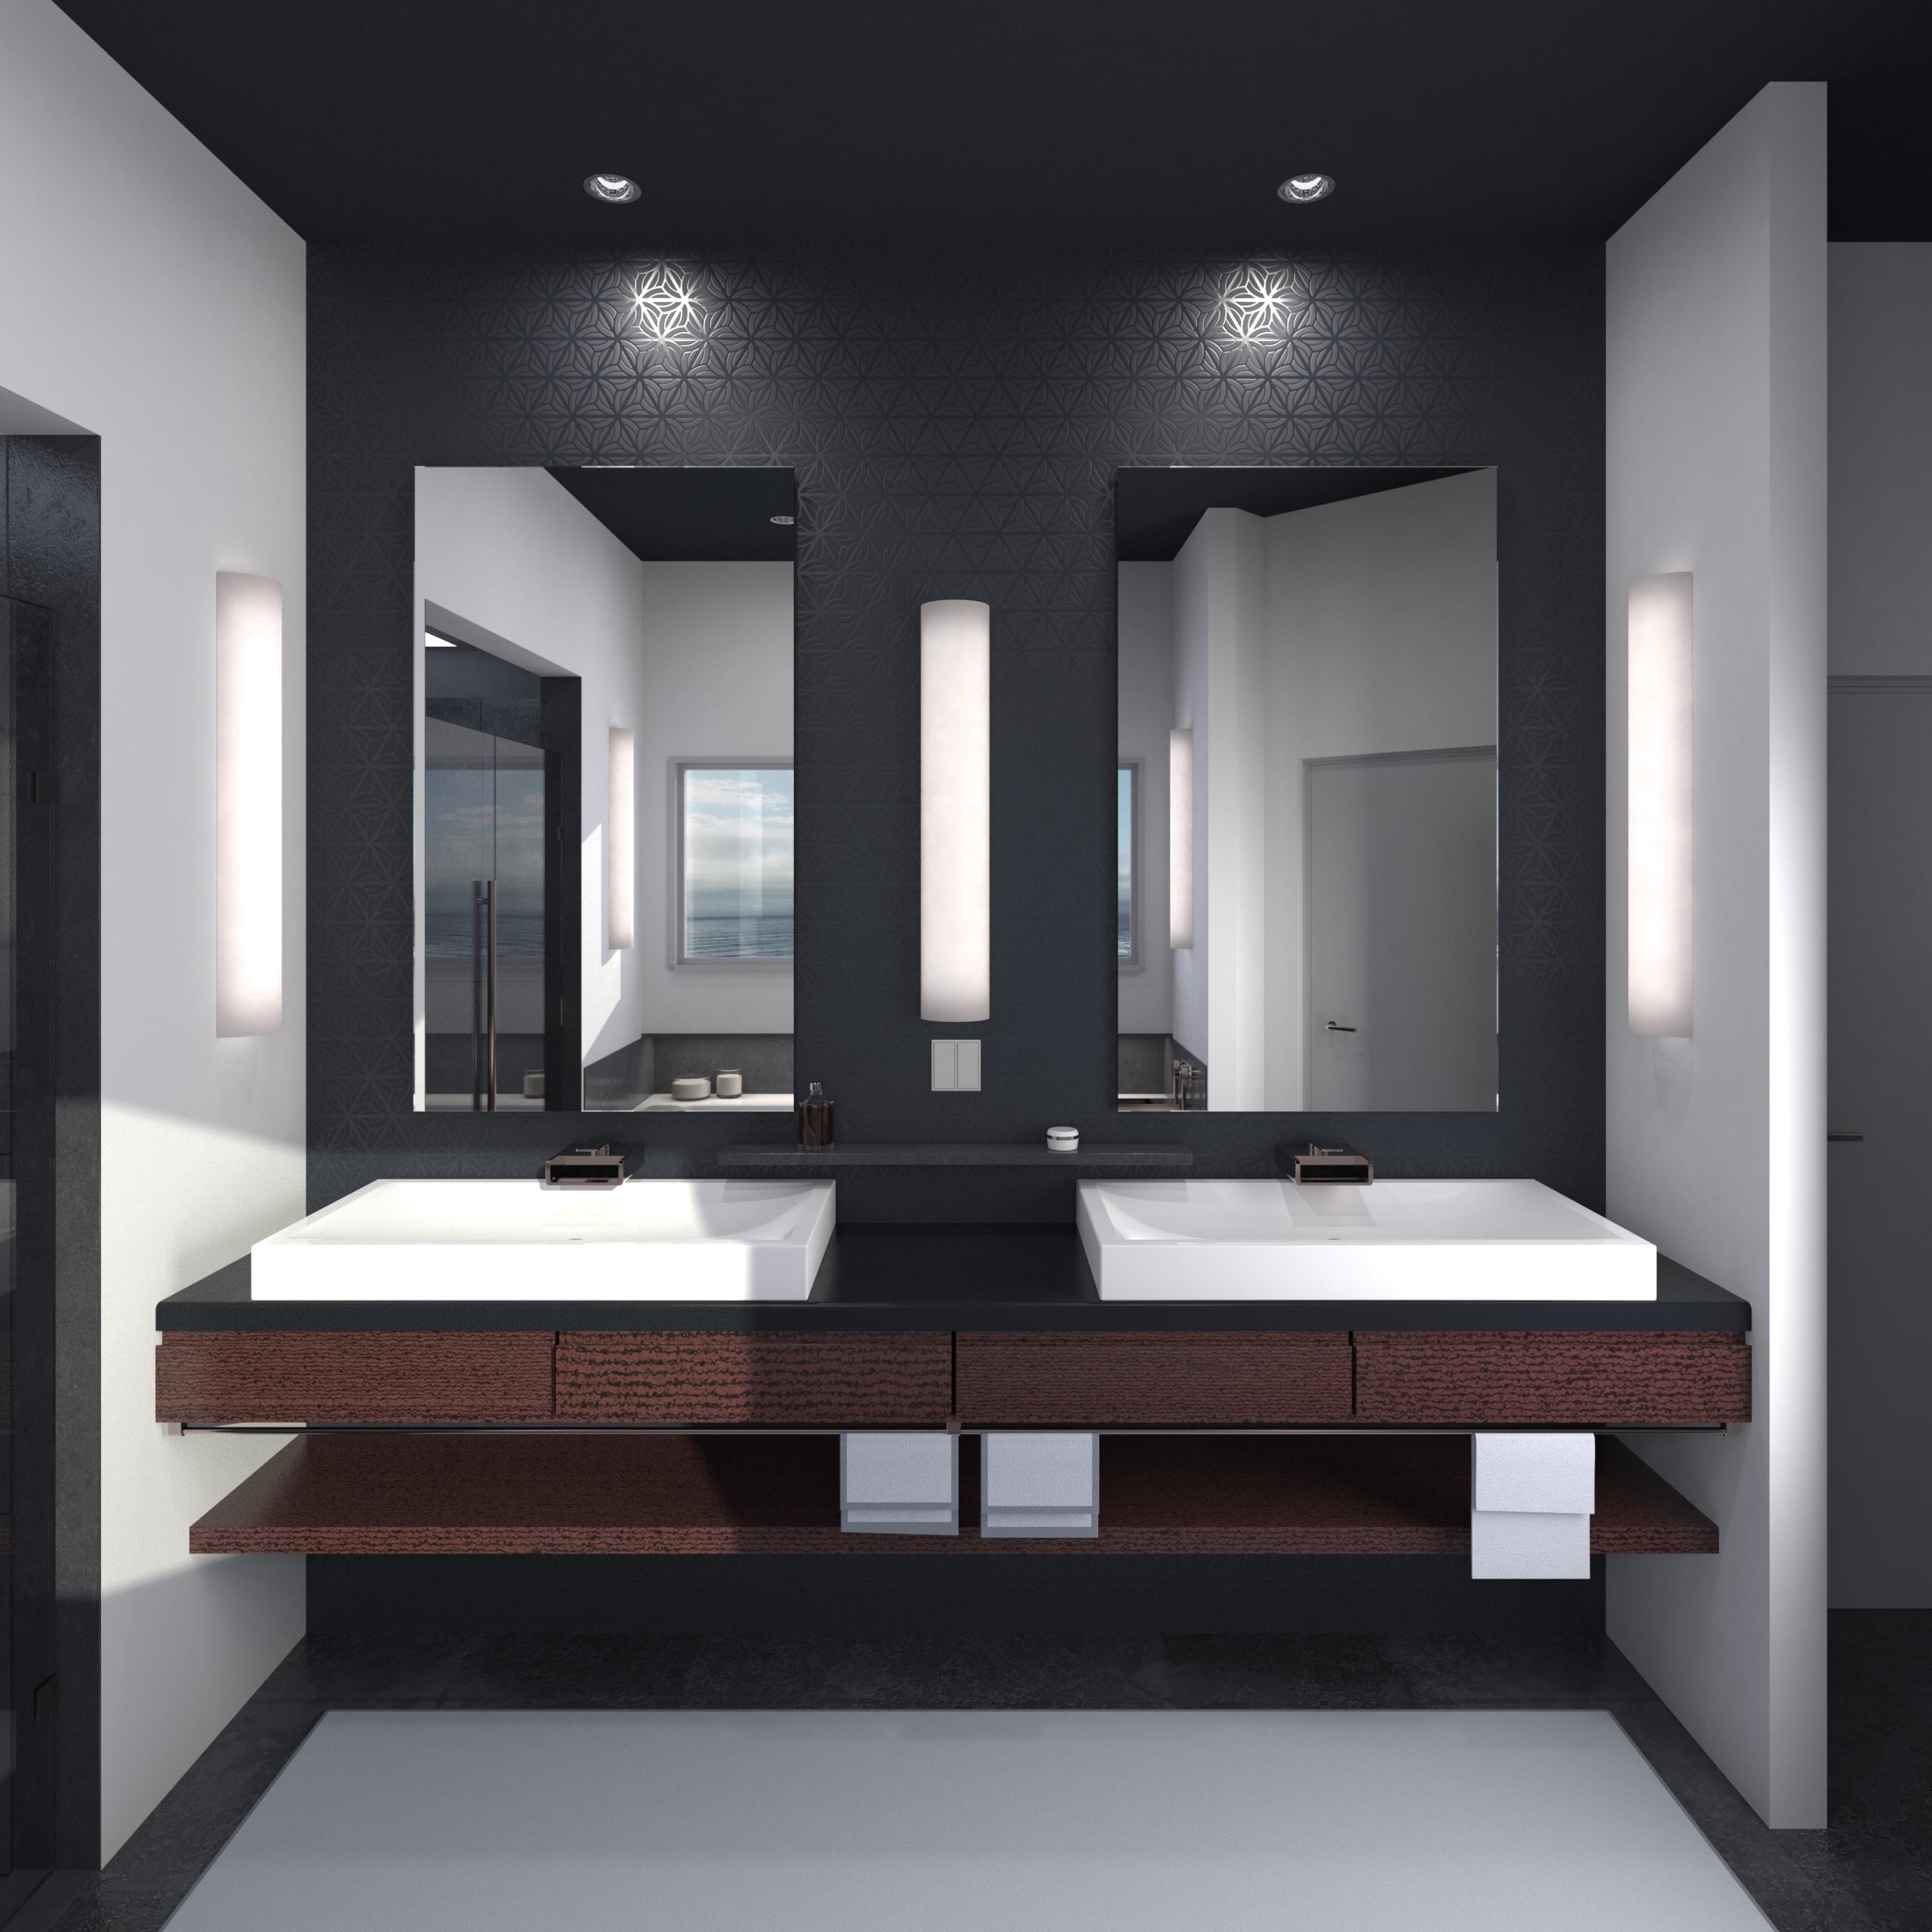 Contemporary Bathroom Interior.55.png PlusPng.com  - Bathroom Interior PNG